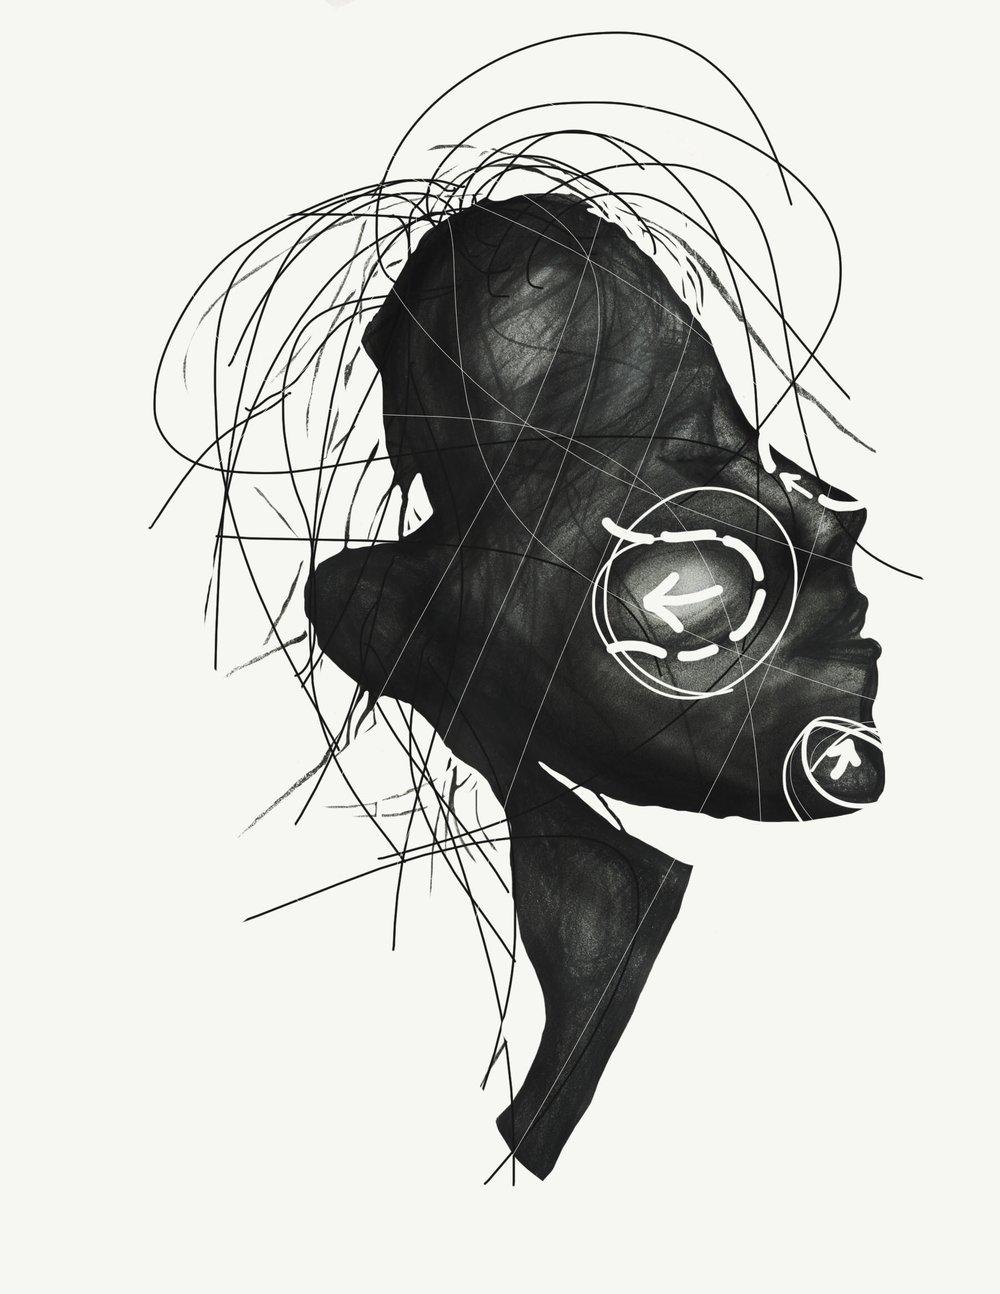 Medusa no. 2